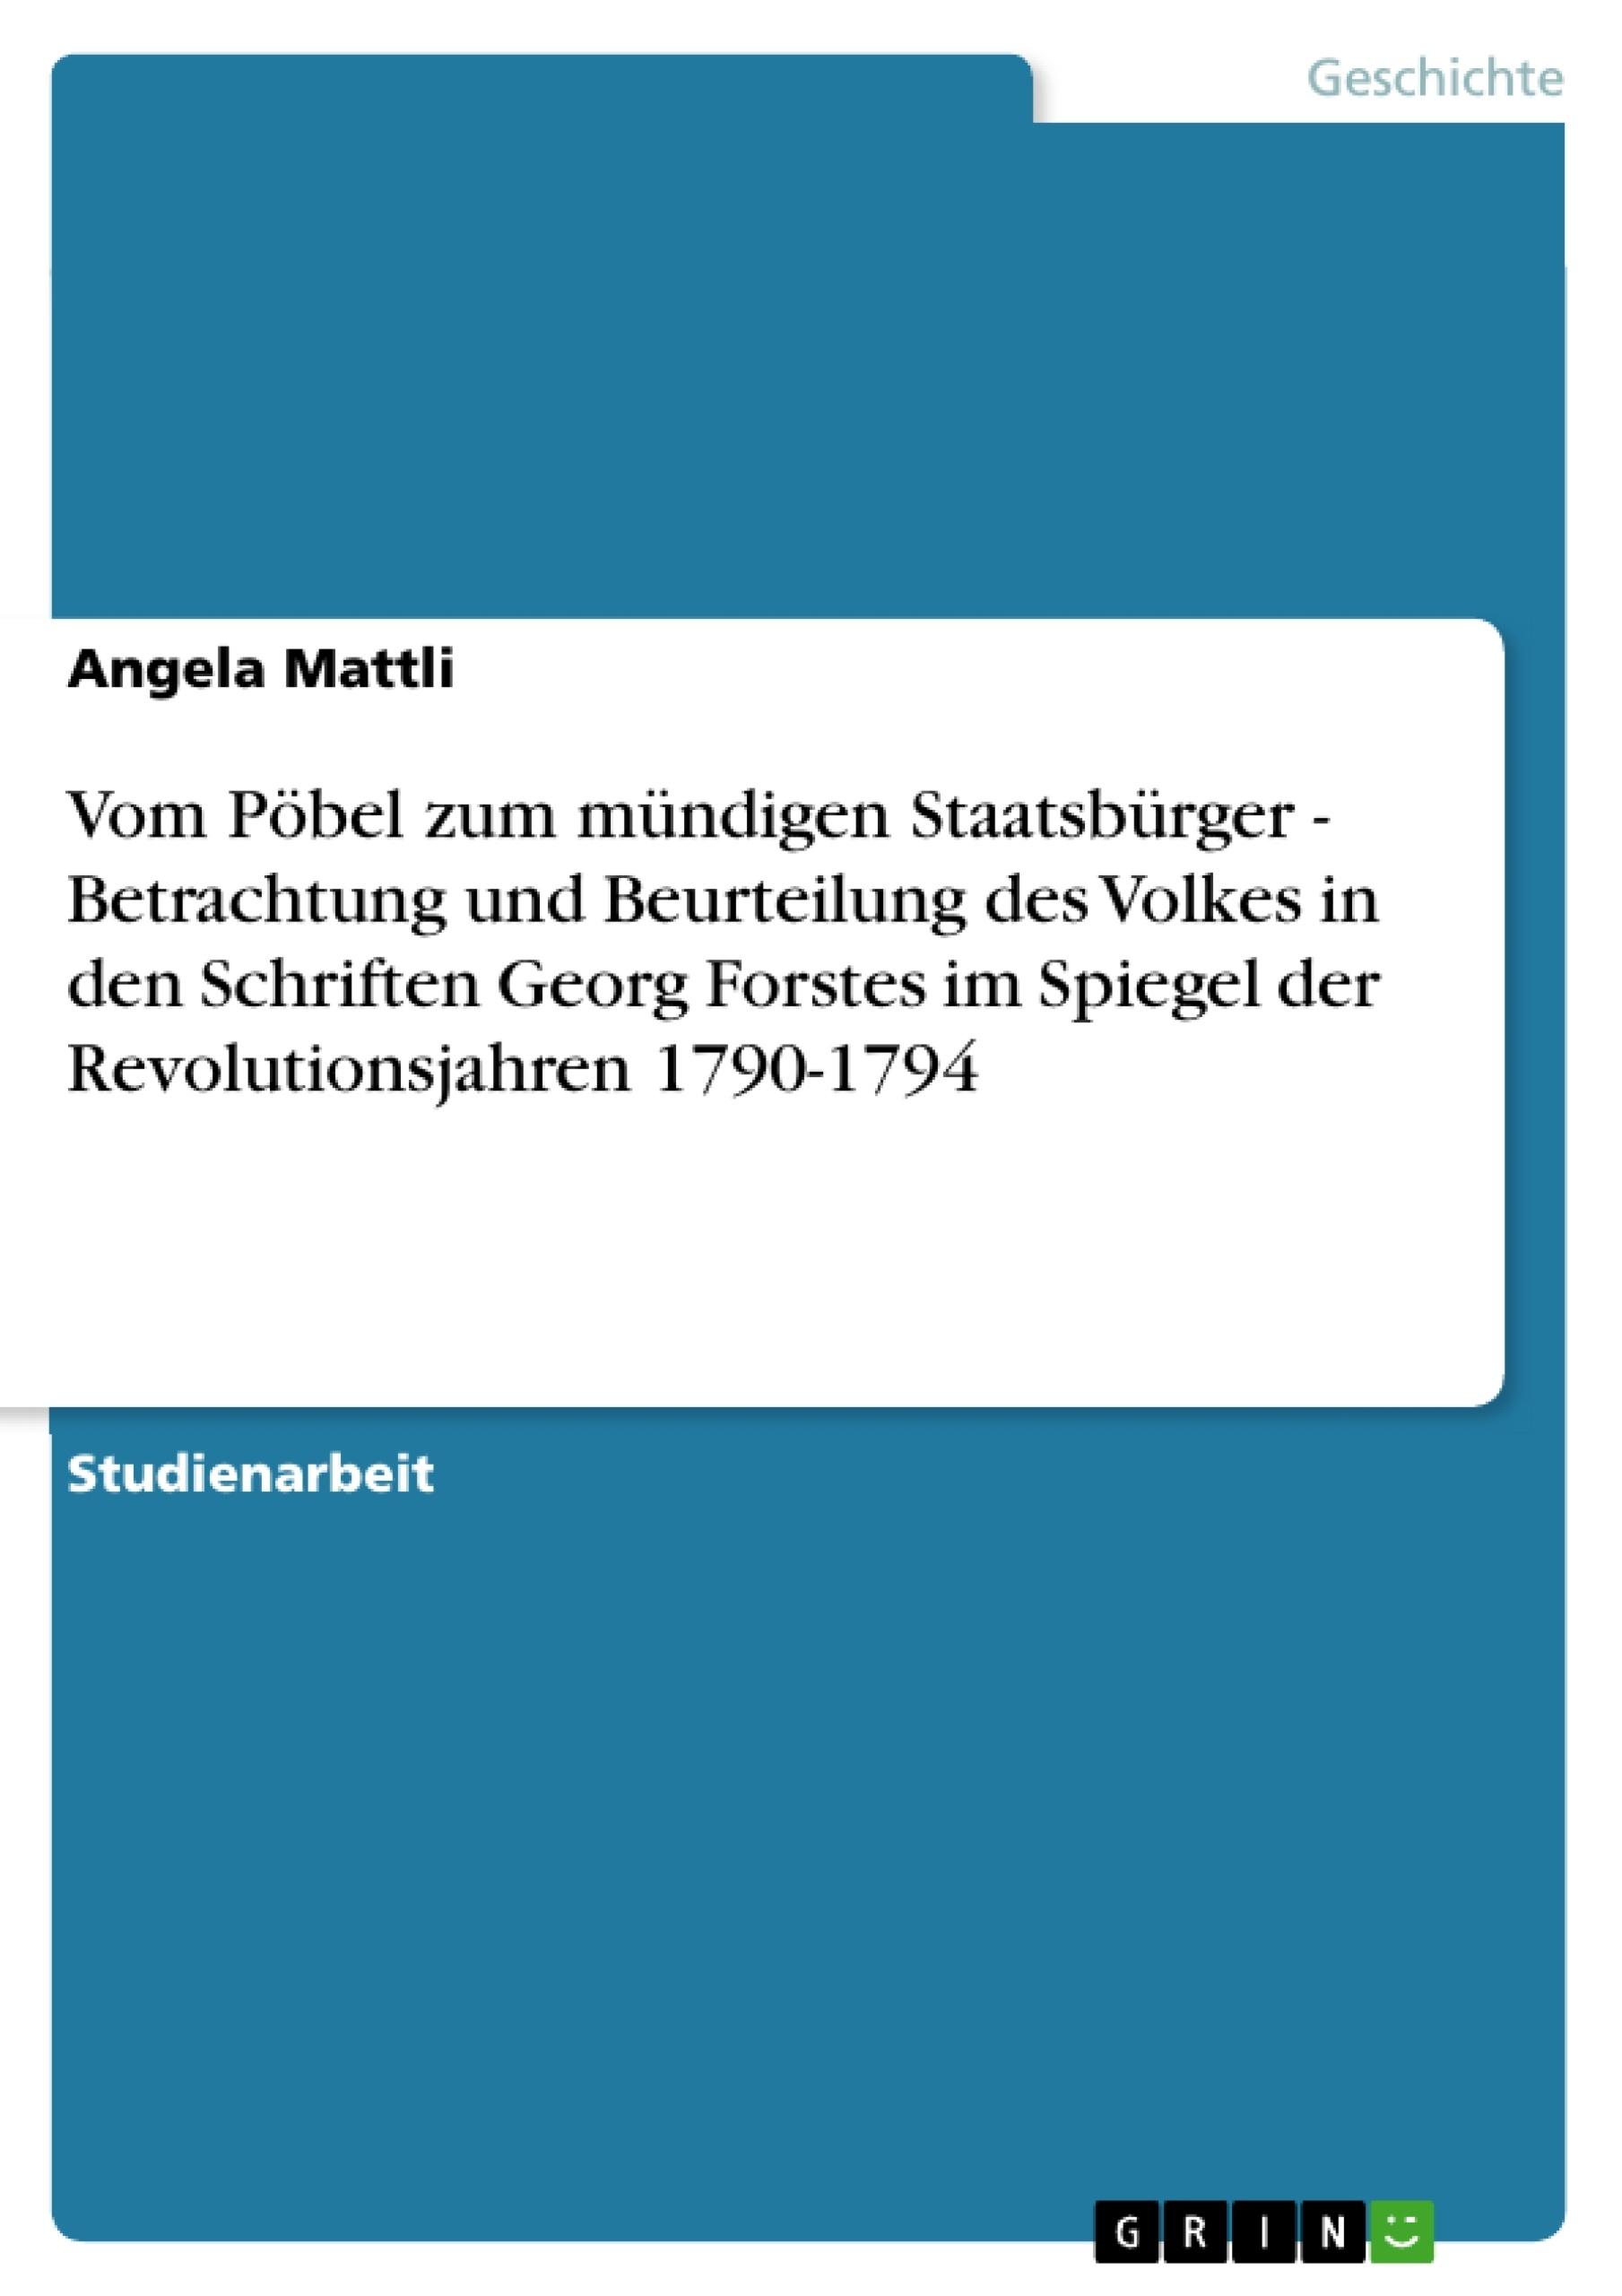 Titel: Vom Pöbel zum mündigen Staatsbürger -  Betrachtung und Beurteilung des Volkes in den Schriften Georg Forstes im Spiegel der Revolutionsjahren 1790-1794